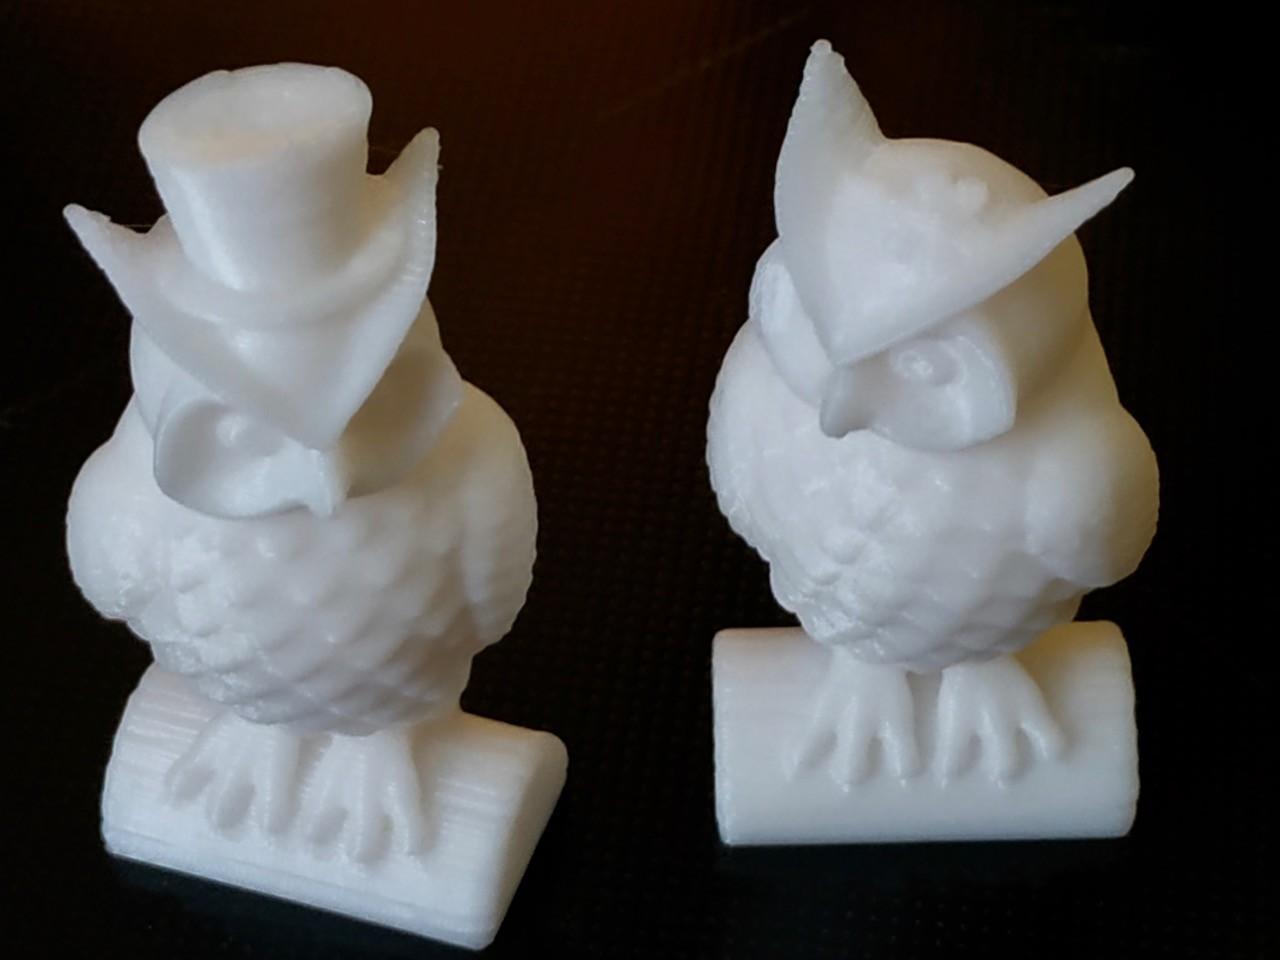 3D-Drucker für Smarthomedevices